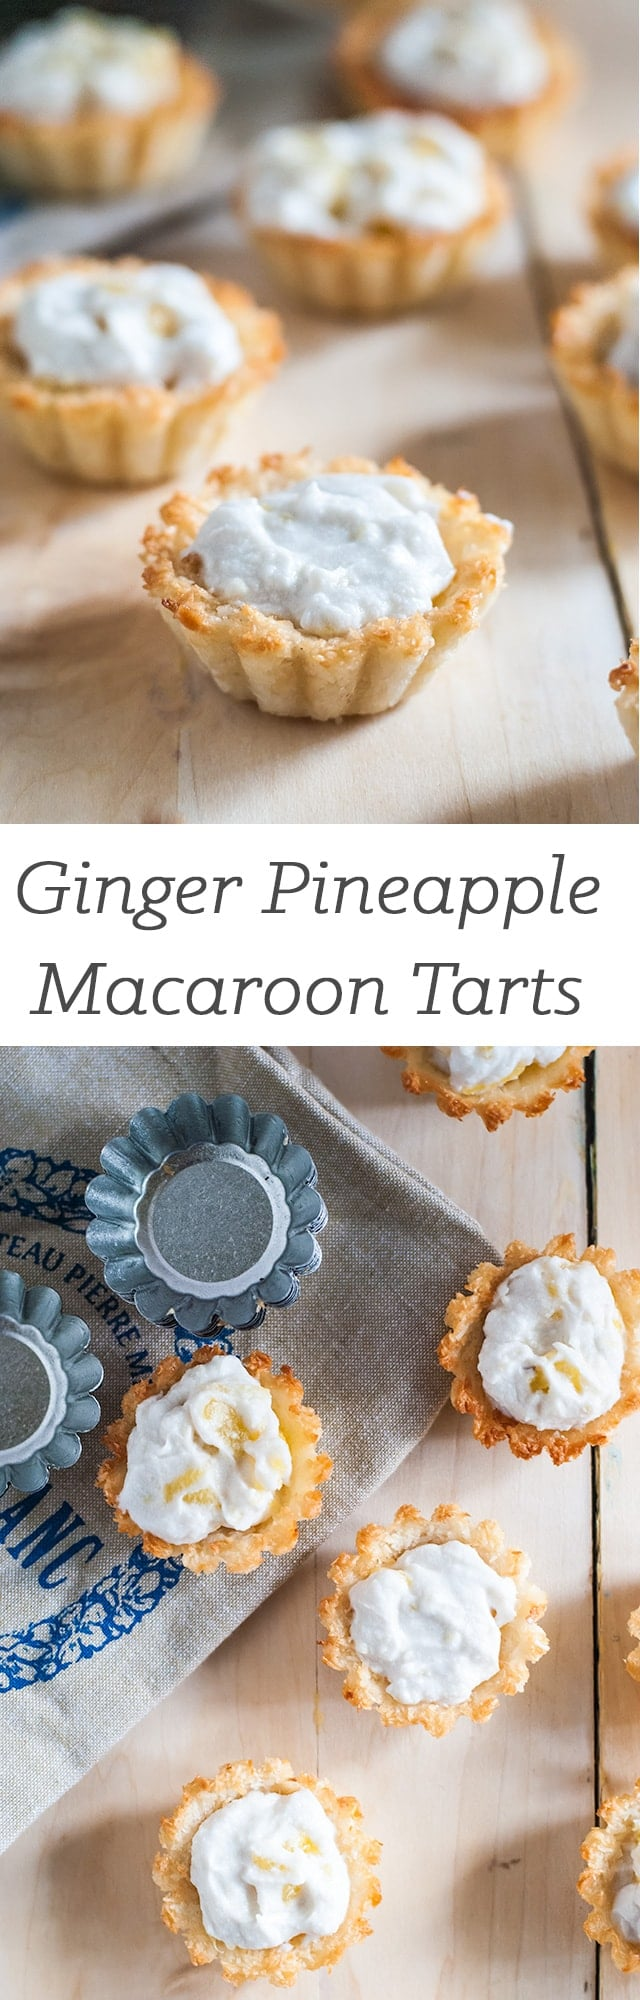 ginger pineapple macaroon tarts